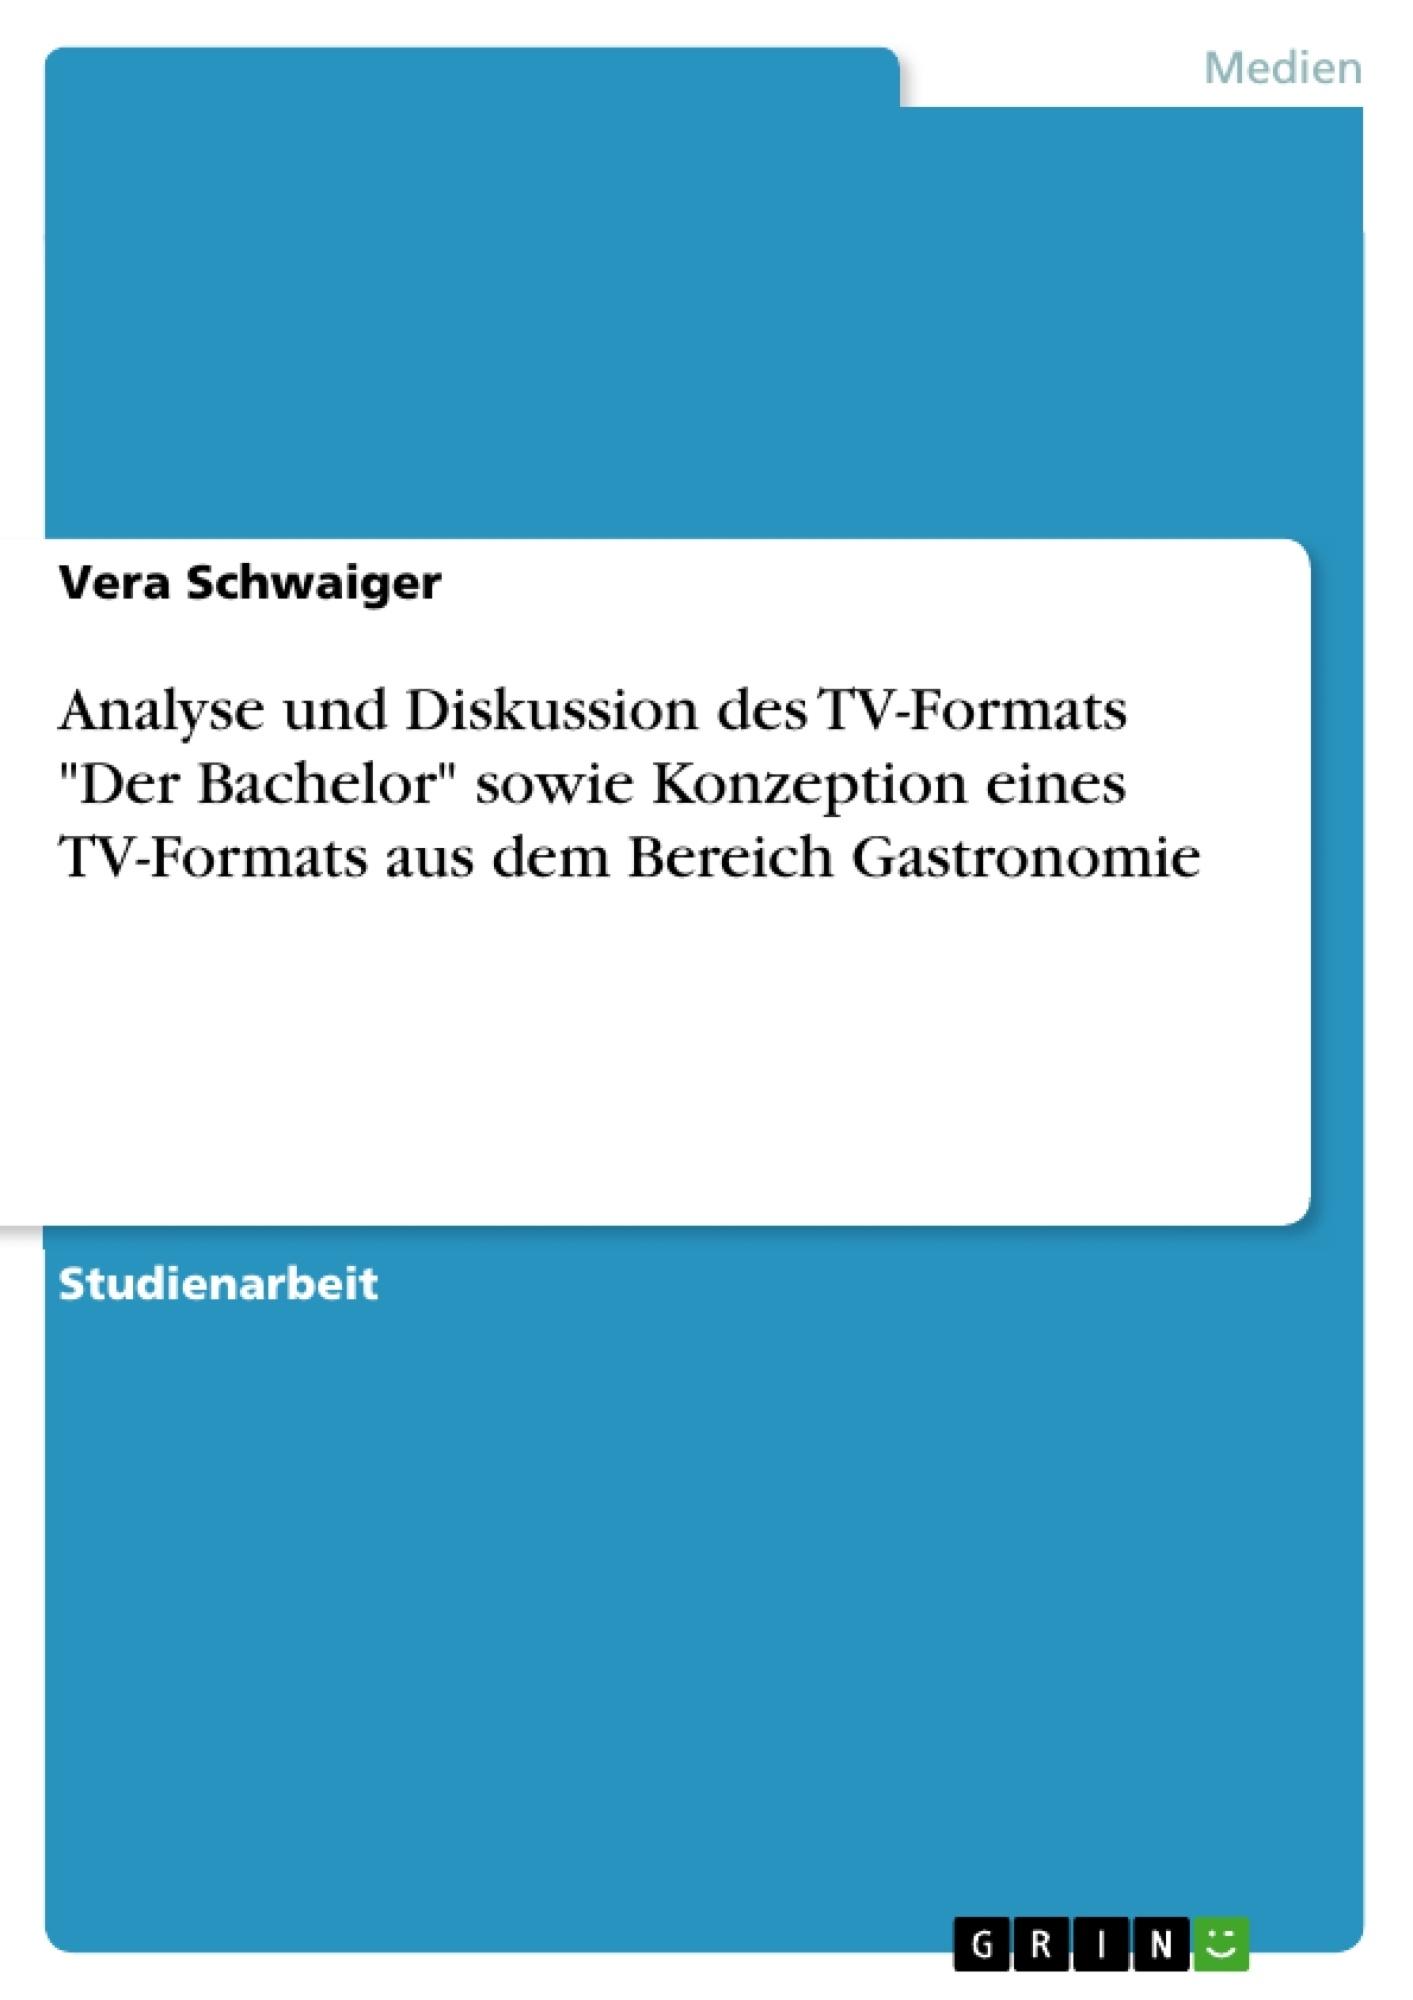 """Titel: Analyse und Diskussion des TV-Formats """"Der Bachelor"""" sowie Konzeption eines TV-Formats aus dem Bereich Gastronomie"""